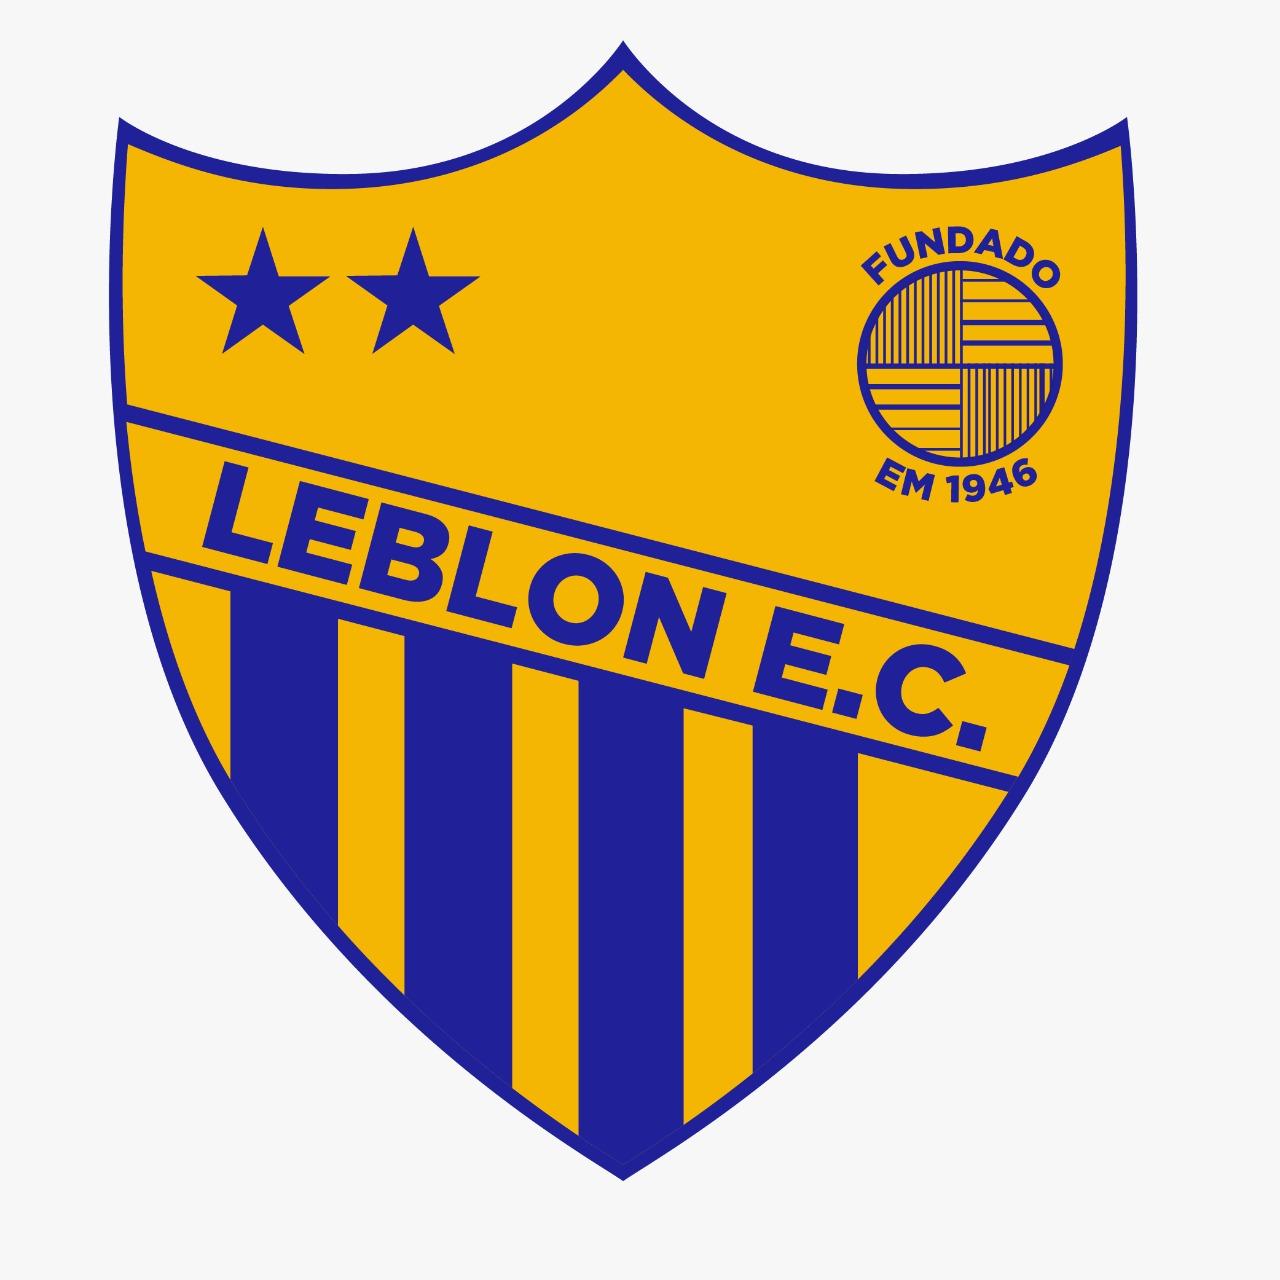 LEBLON EC